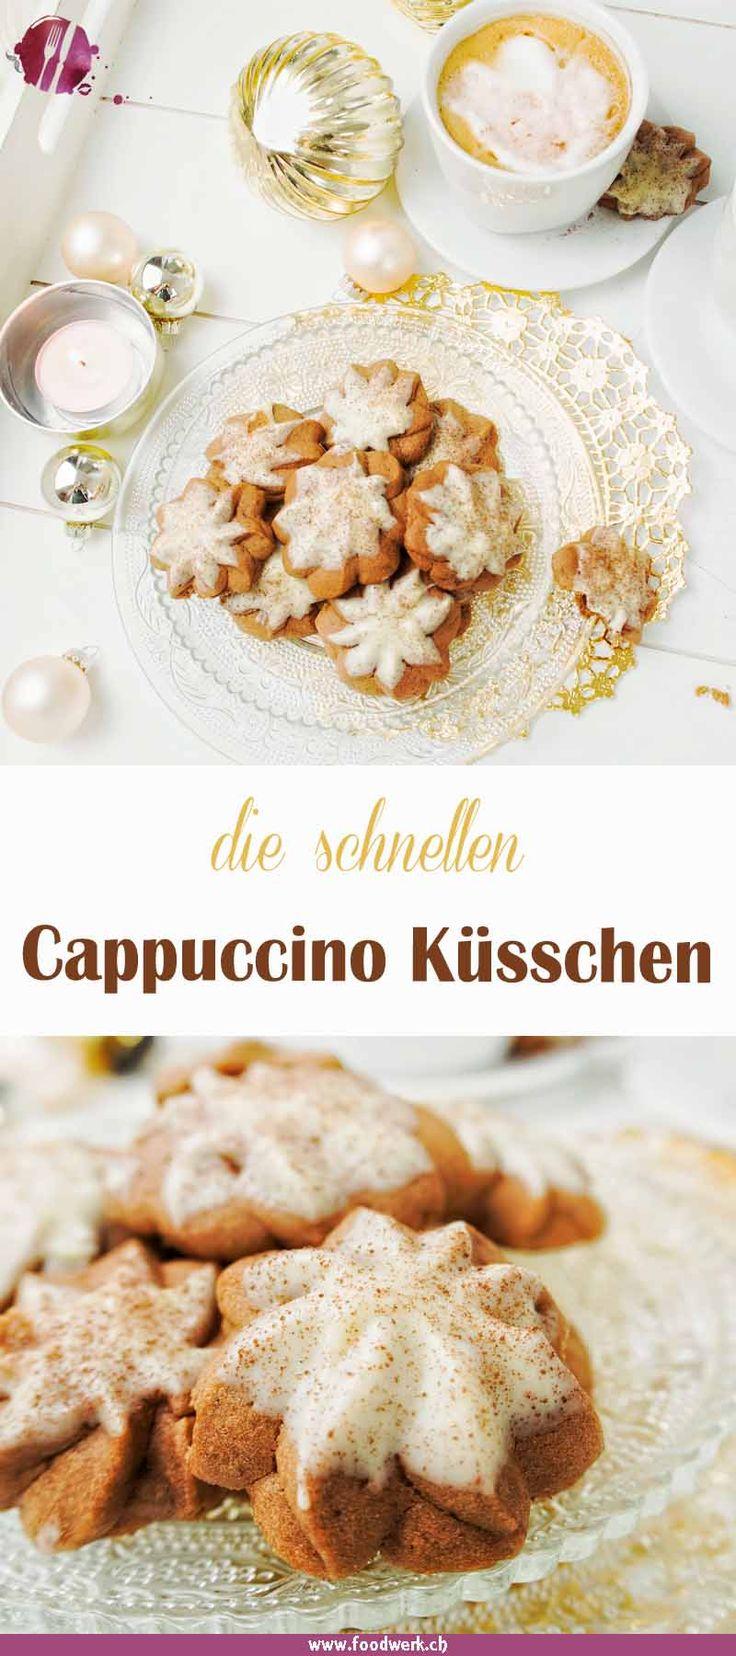 Die Kekse und Plätzchen für Weihnachten habt ihr schon gebacken? Ihr braucht noch eine weitere Sorte Guetzli? Mit unseren schnellen Cappuccino Küsschen habt ihr ruck zuck eine weitere, leckere Sorte gezaubert. Ohne grossen Aufwand und ganz schnell habt ihr ein weiteres Plätzchen gebacken, was auch noch schön aussieht. Auch zum Kaffee oder Tee ein beliebter Keks. Das Rezept ist bewusst einfach gehalten und ohne viel Zutaten.